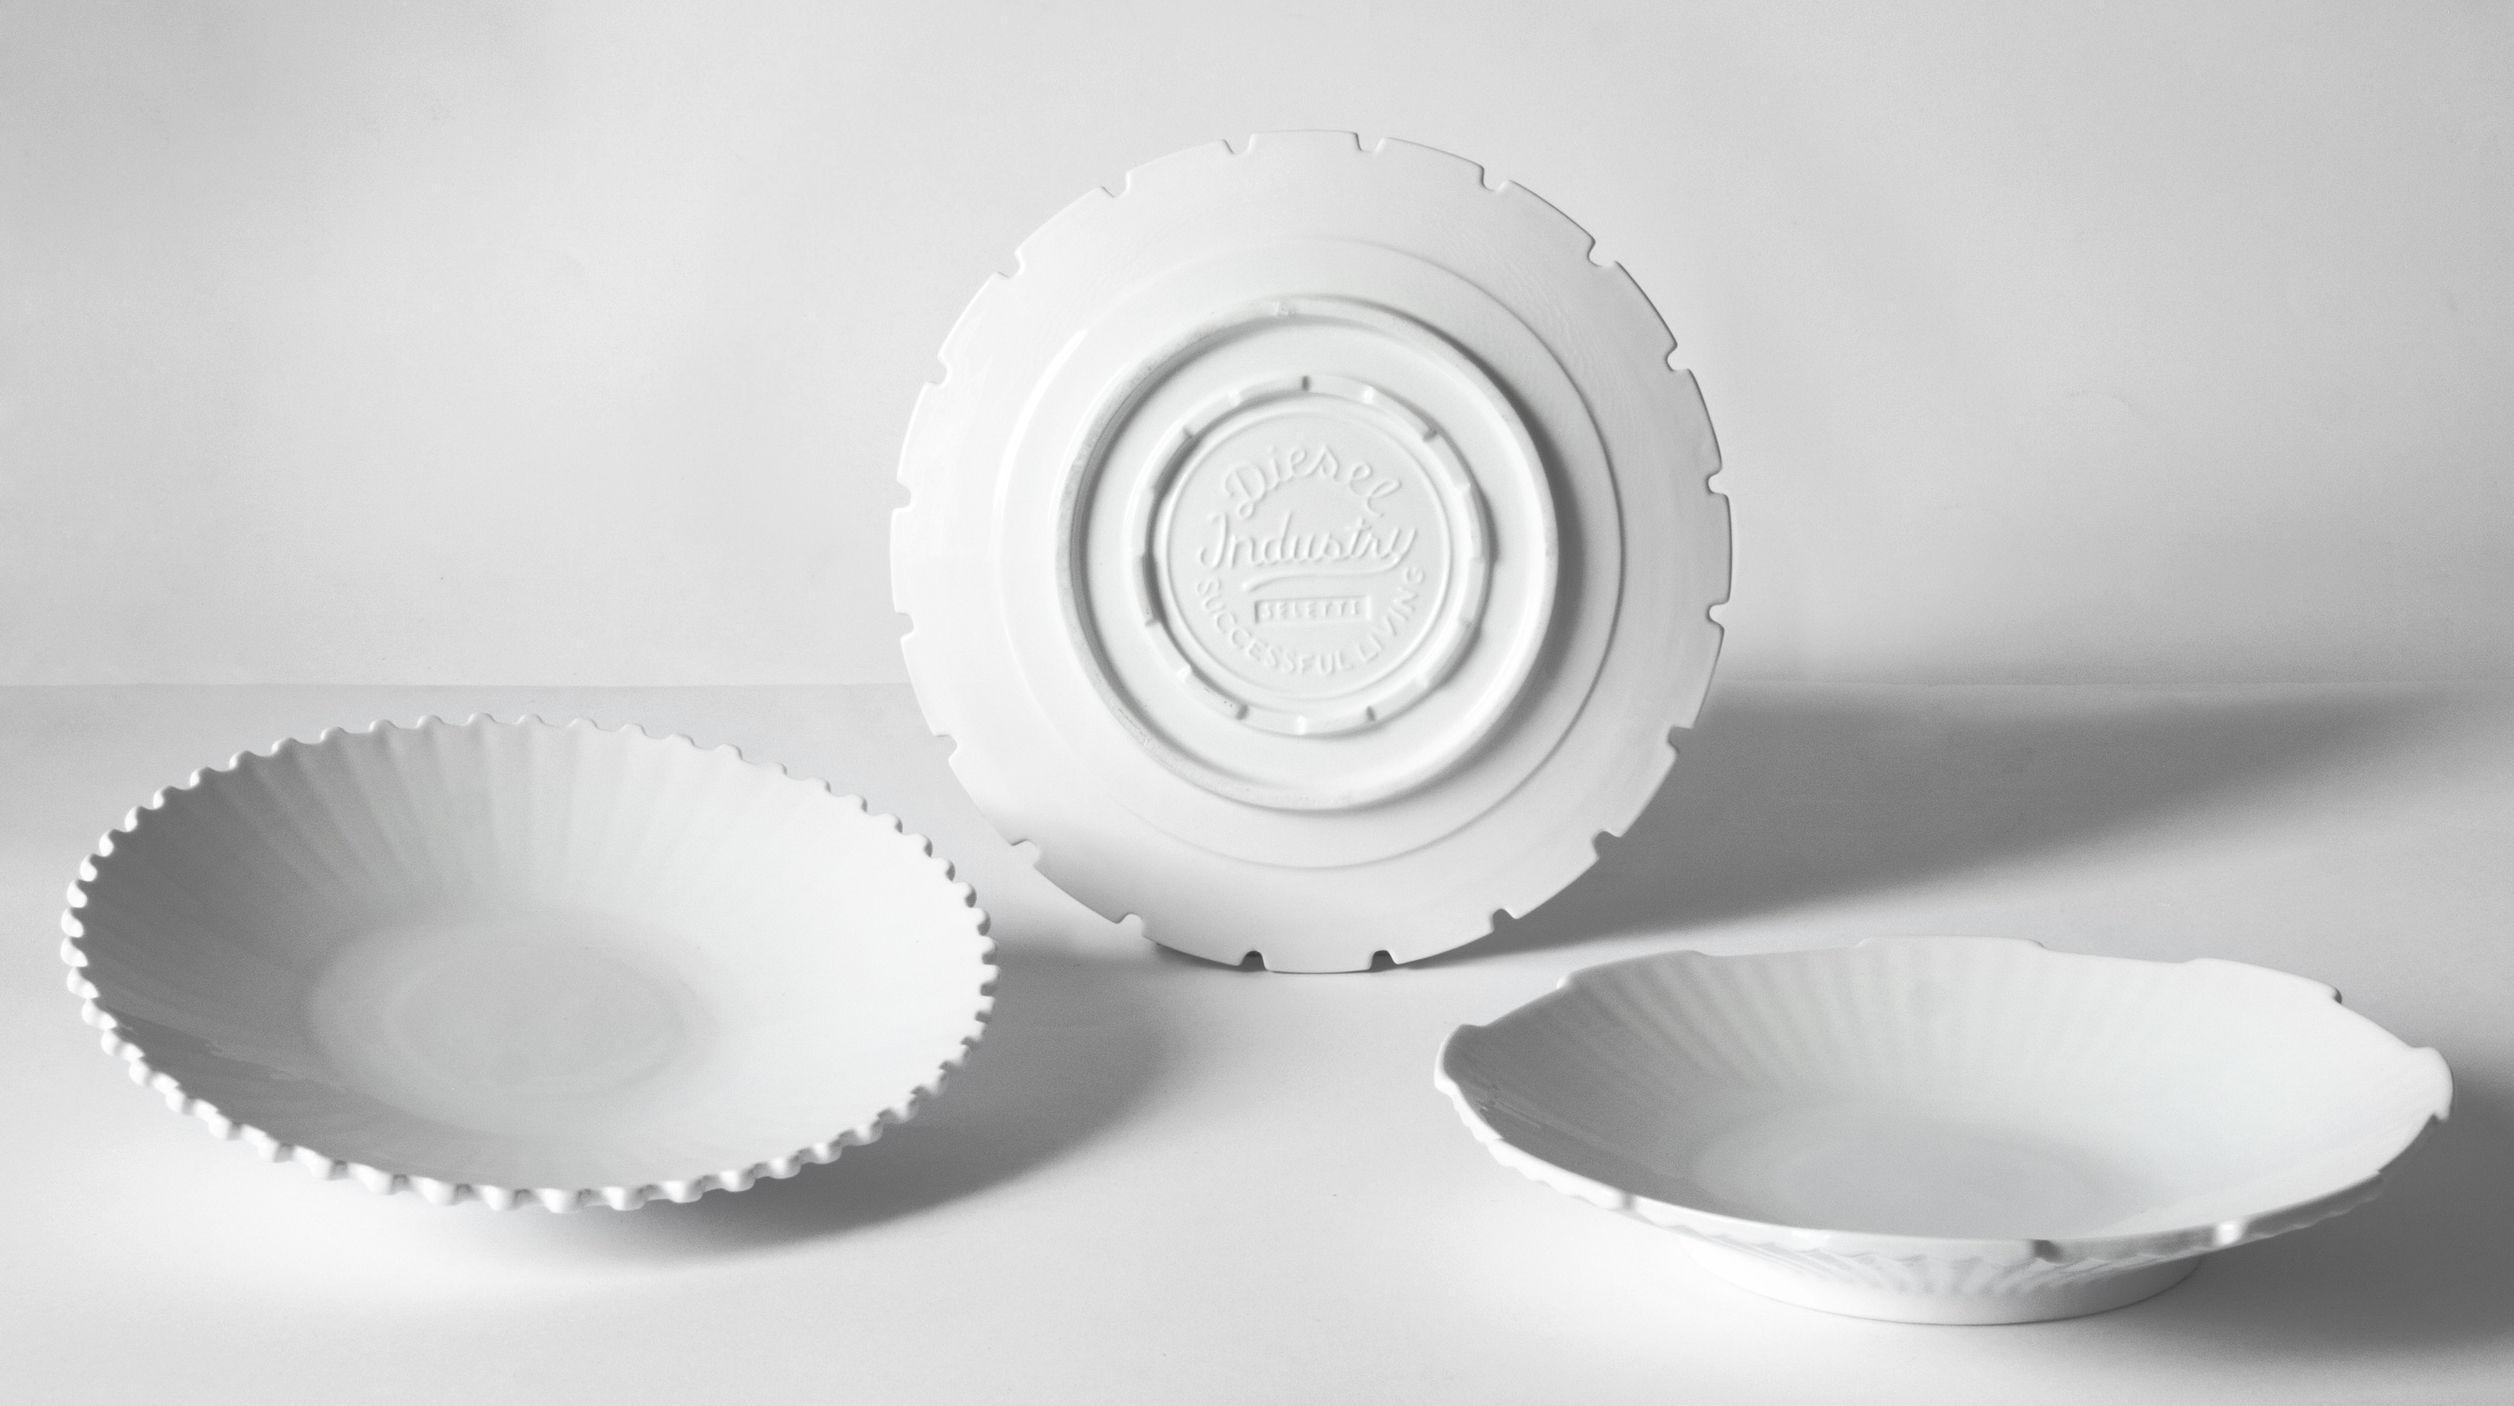 Arts de la table - Assiettes - Assiette creuse Machine Collection / Ø 23,2 cm  - Set de 3 - Diesel living with Seletti - Blanc - Porcelaine